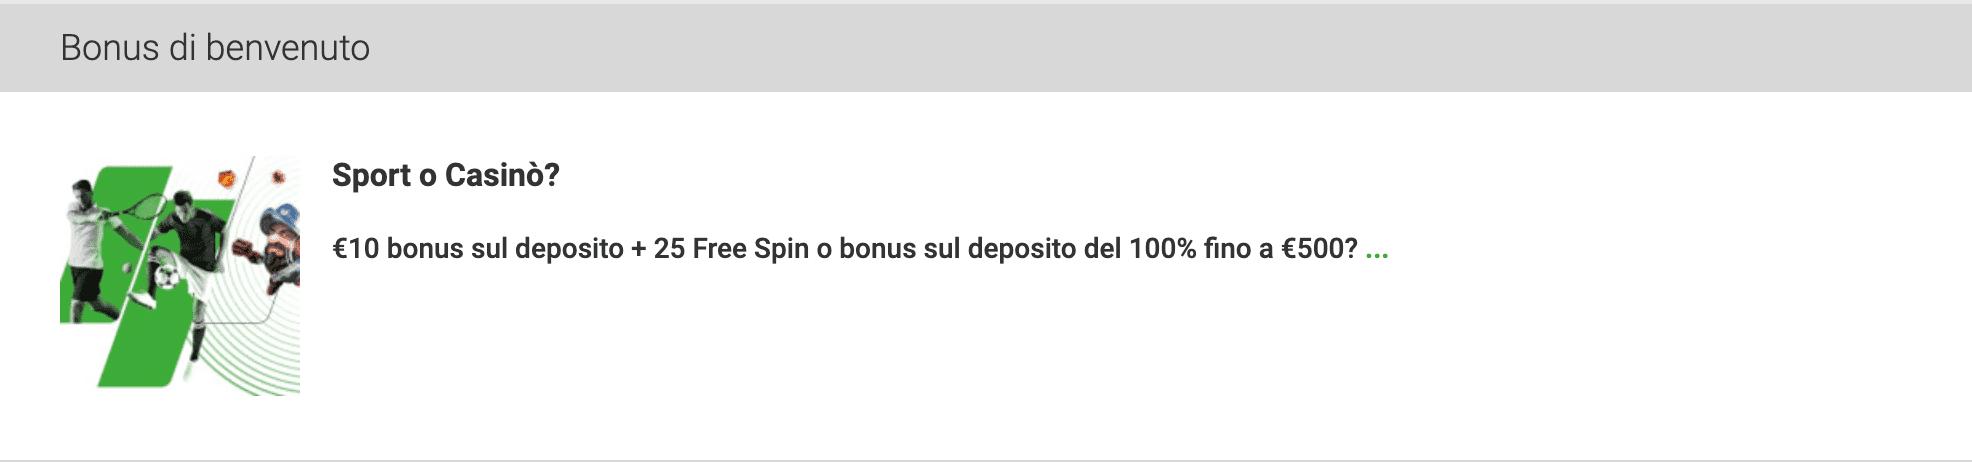 unibet casino bonus ottobre